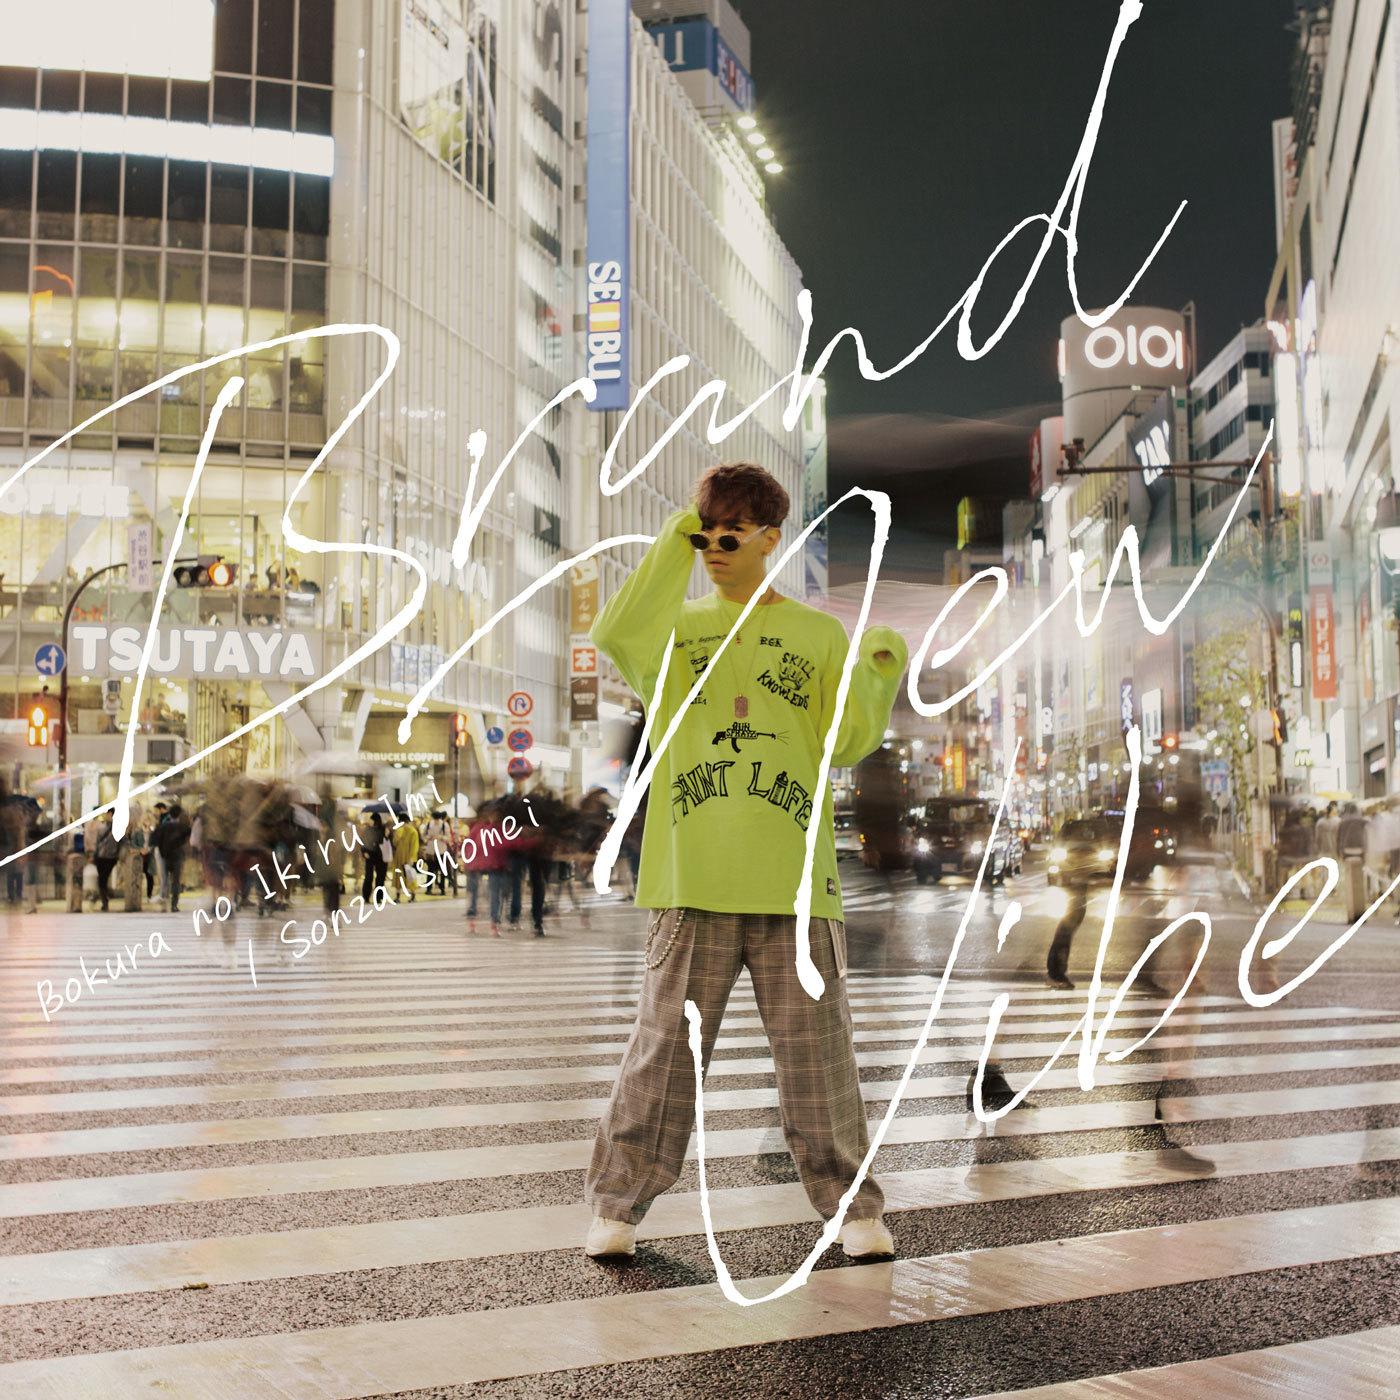 2/27発売 New Single「僕らの生きる意味 / 存在証明」